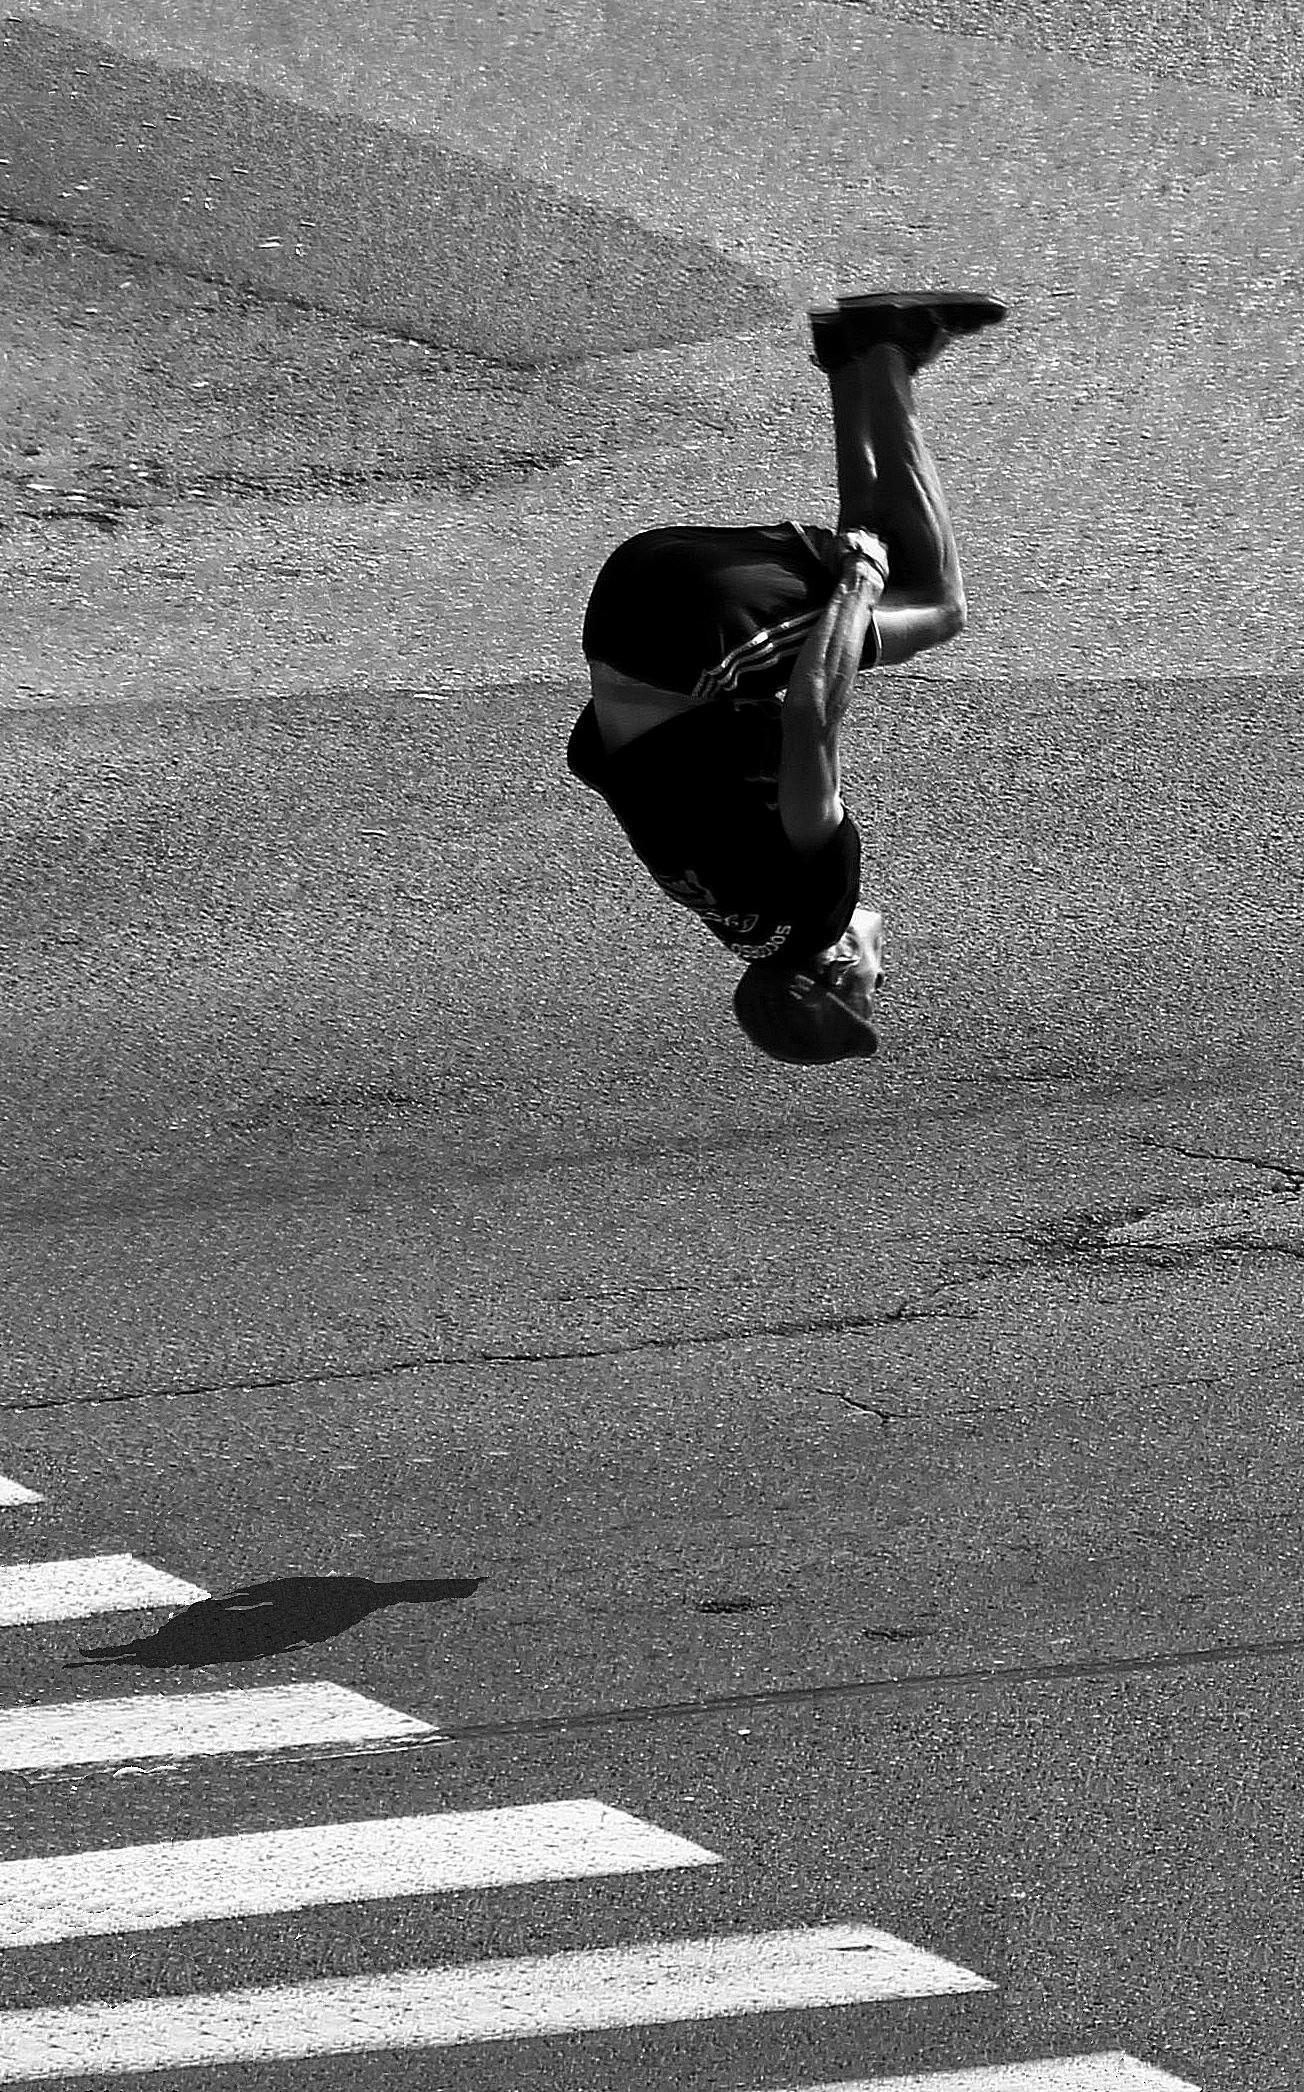 The acrobat...